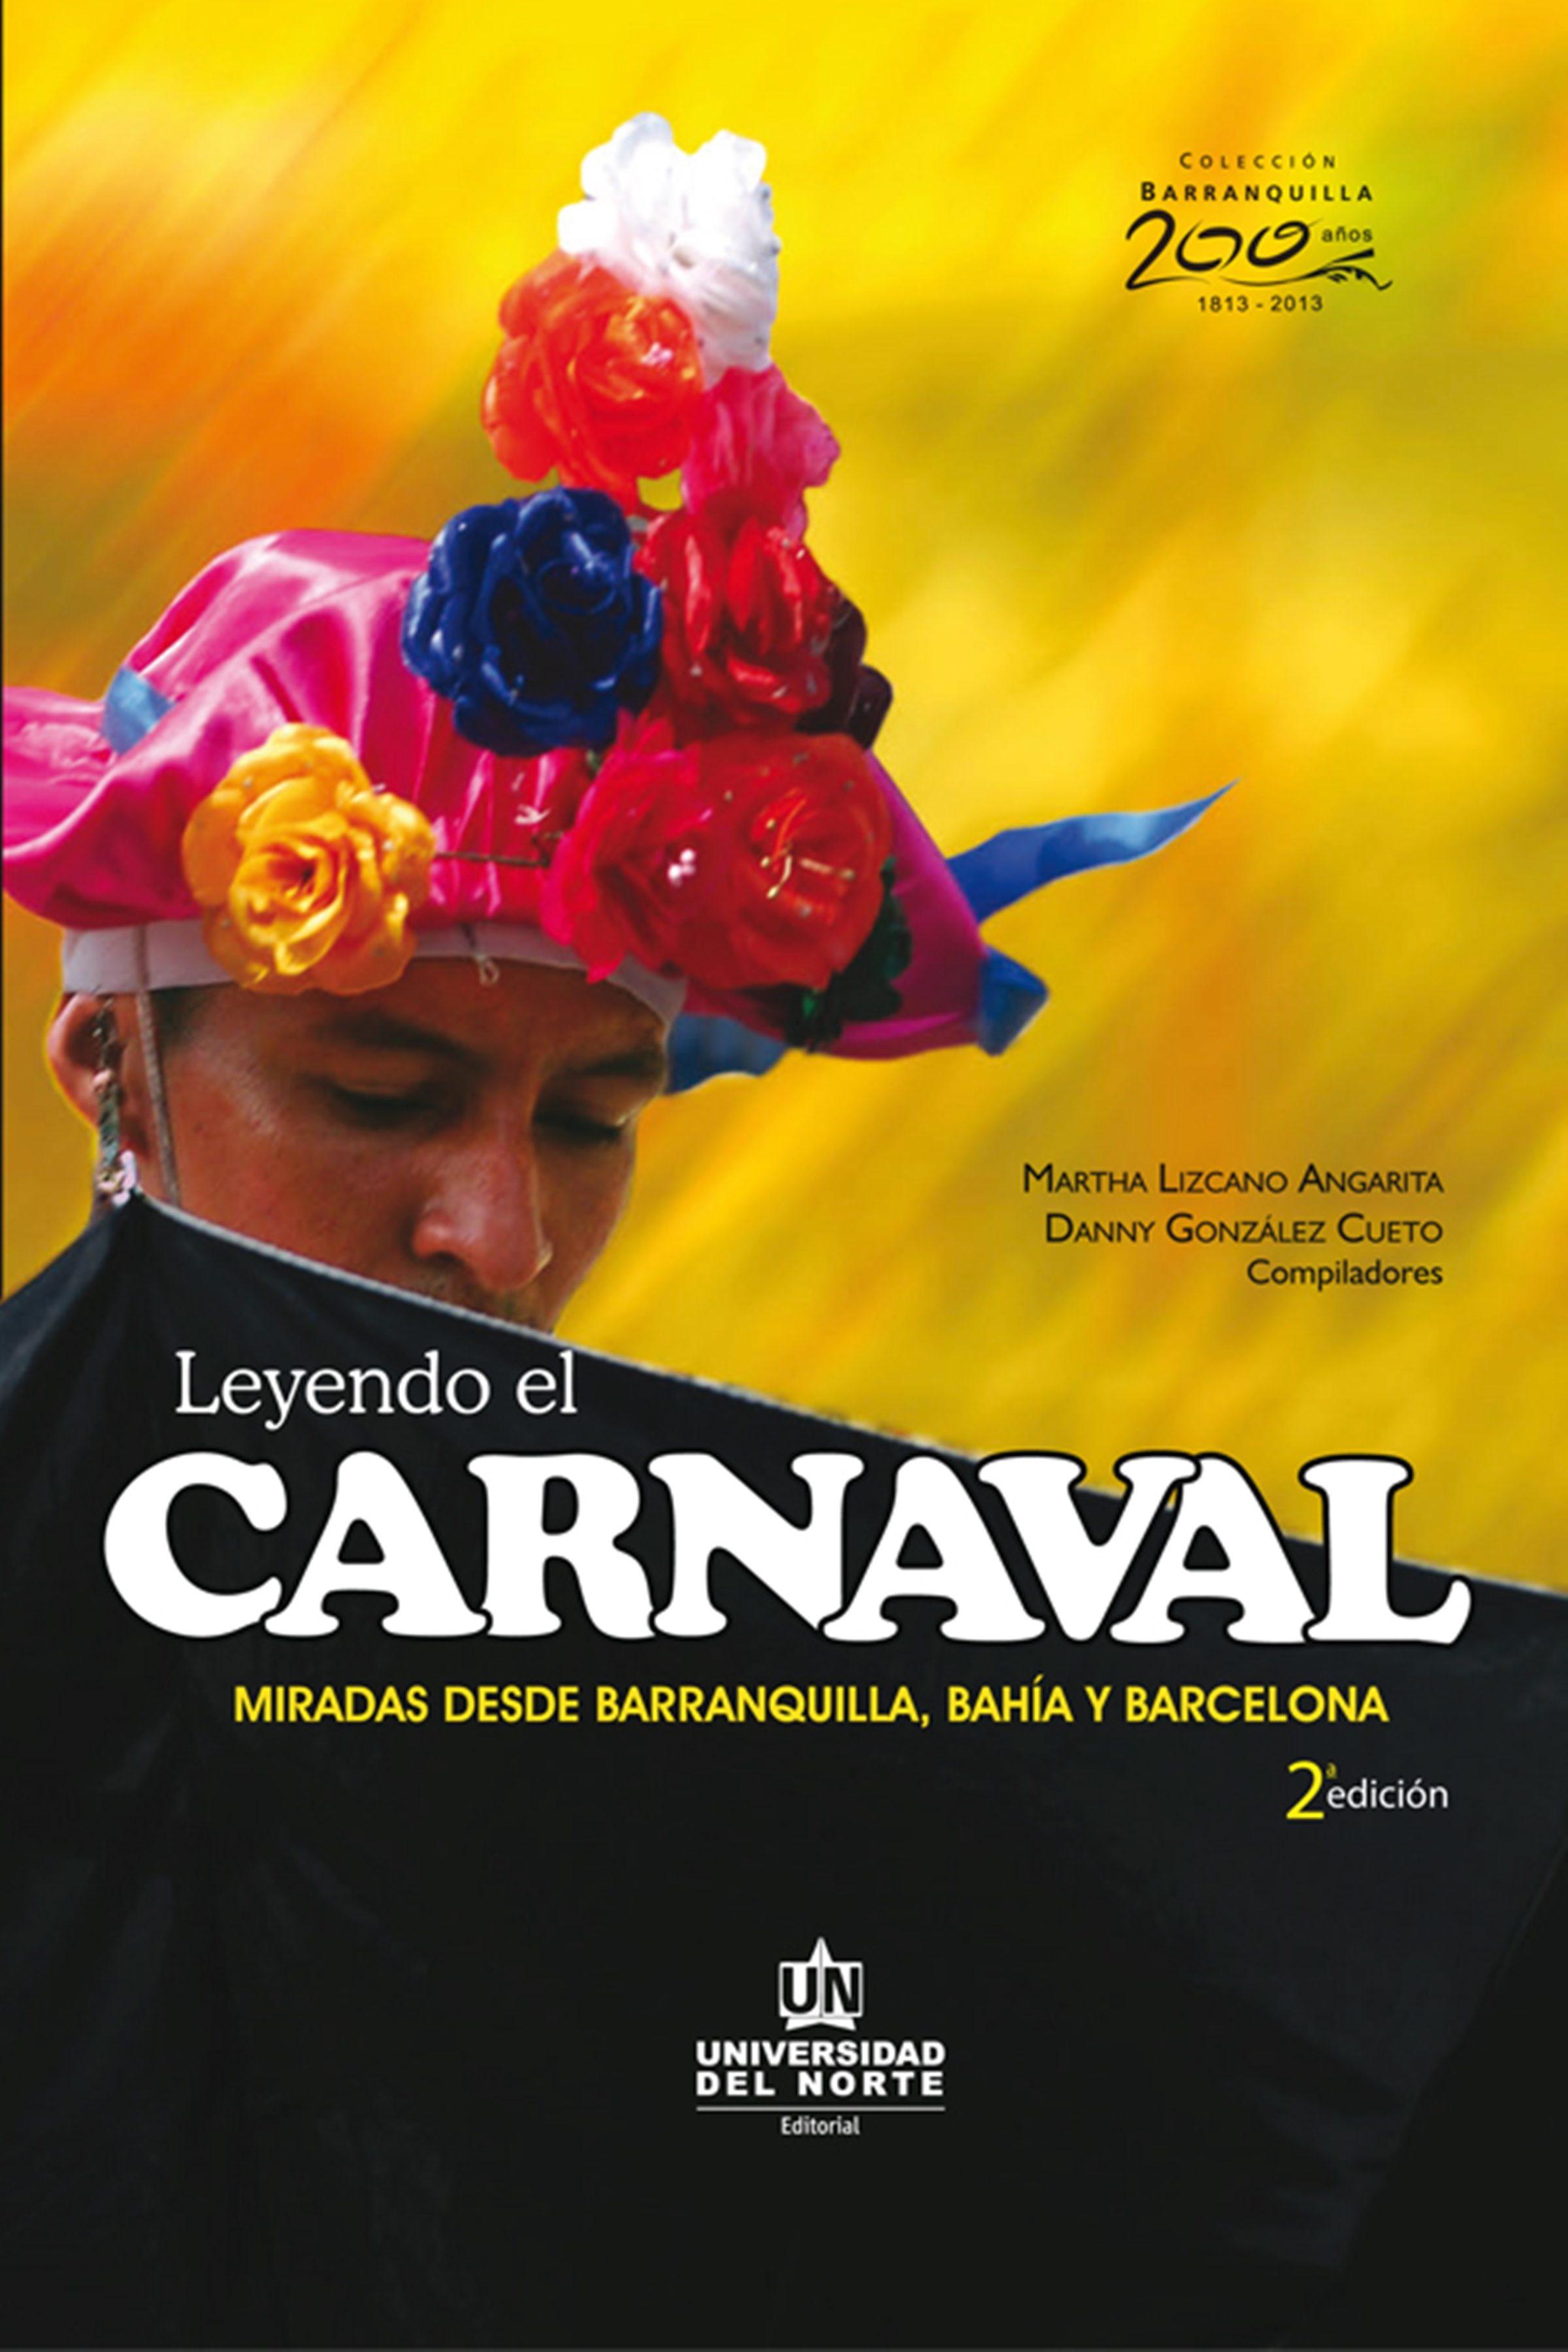 Leyendo el carnaval - Miradas desde Barranquilla, Bahía y Barcelona - 2ª edición, livro de Martha Lizcano Angarita, Danny González Cueto (orgs.)